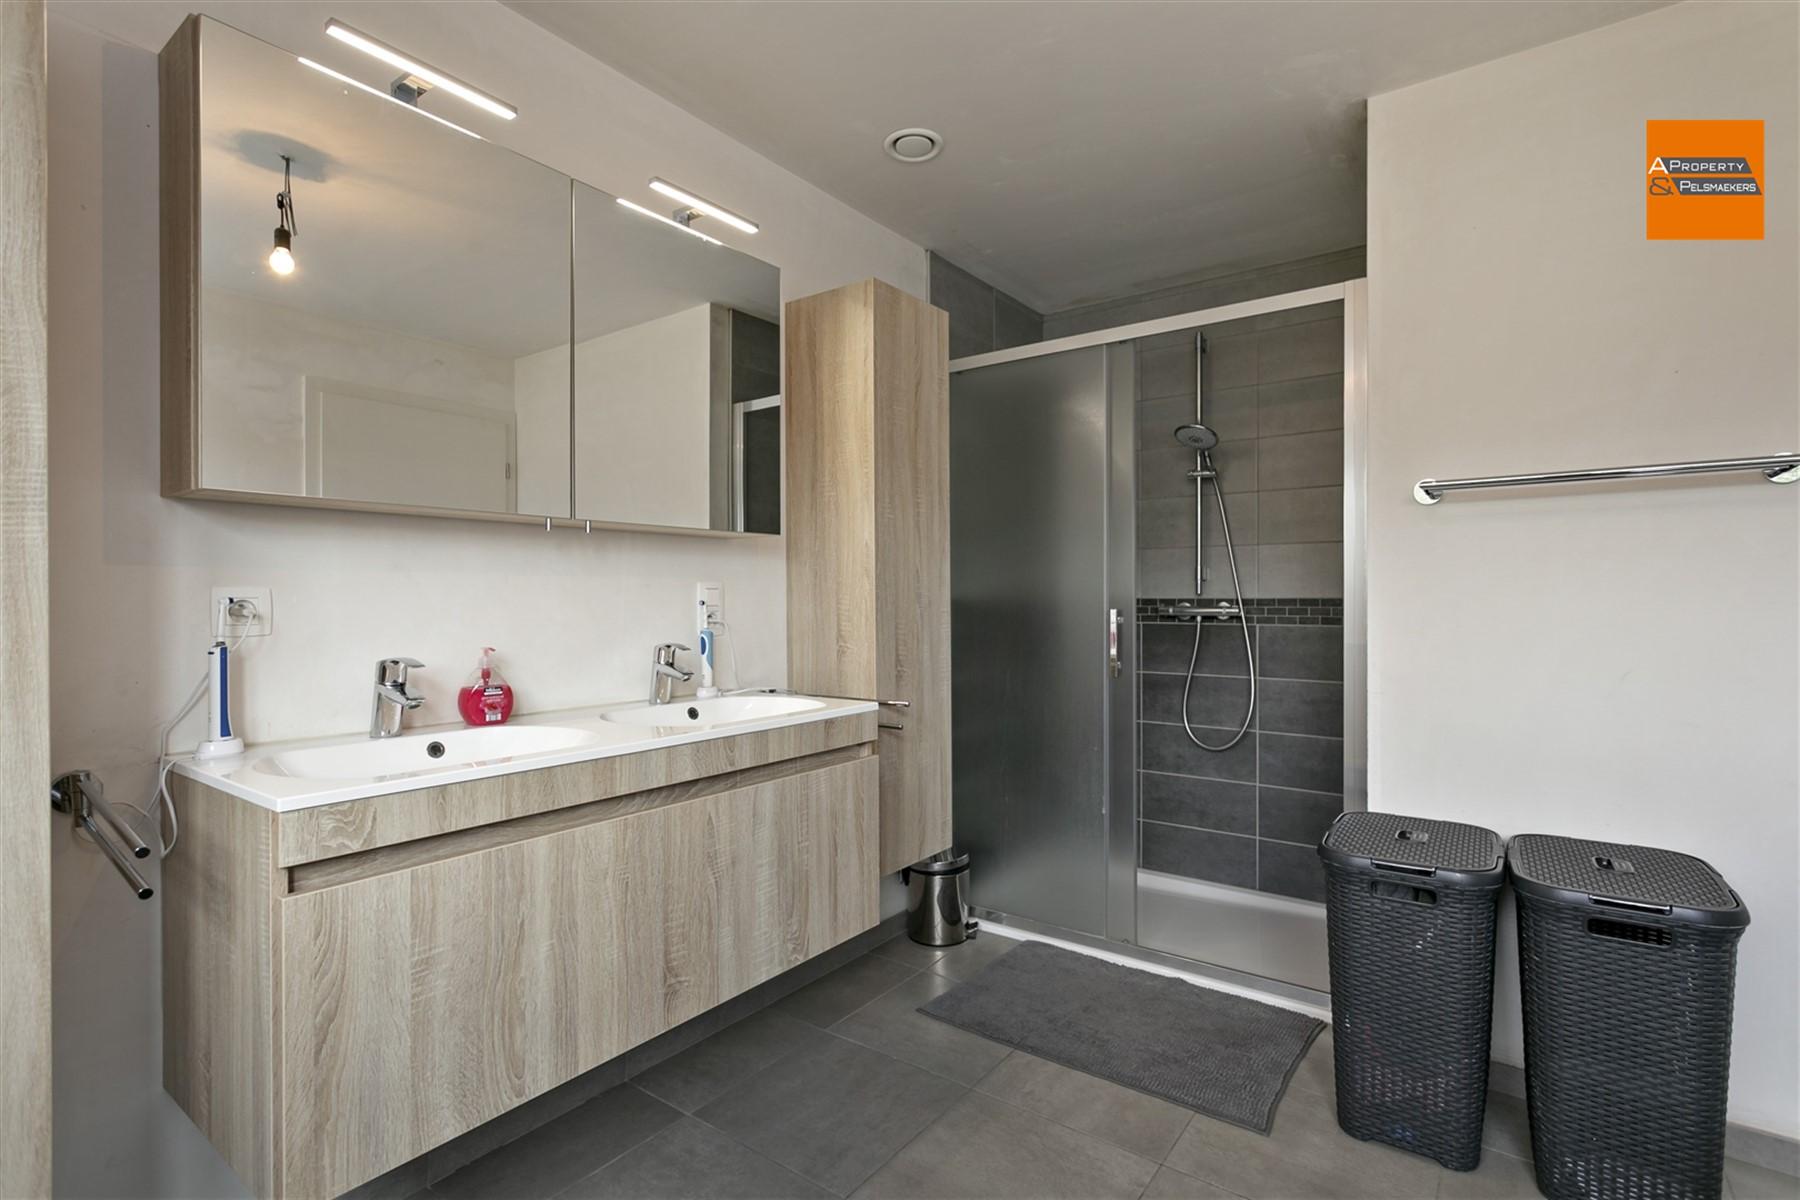 Foto 22 : Huis in 3071 ERPS-KWERPS (België) - Prijs € 650.000